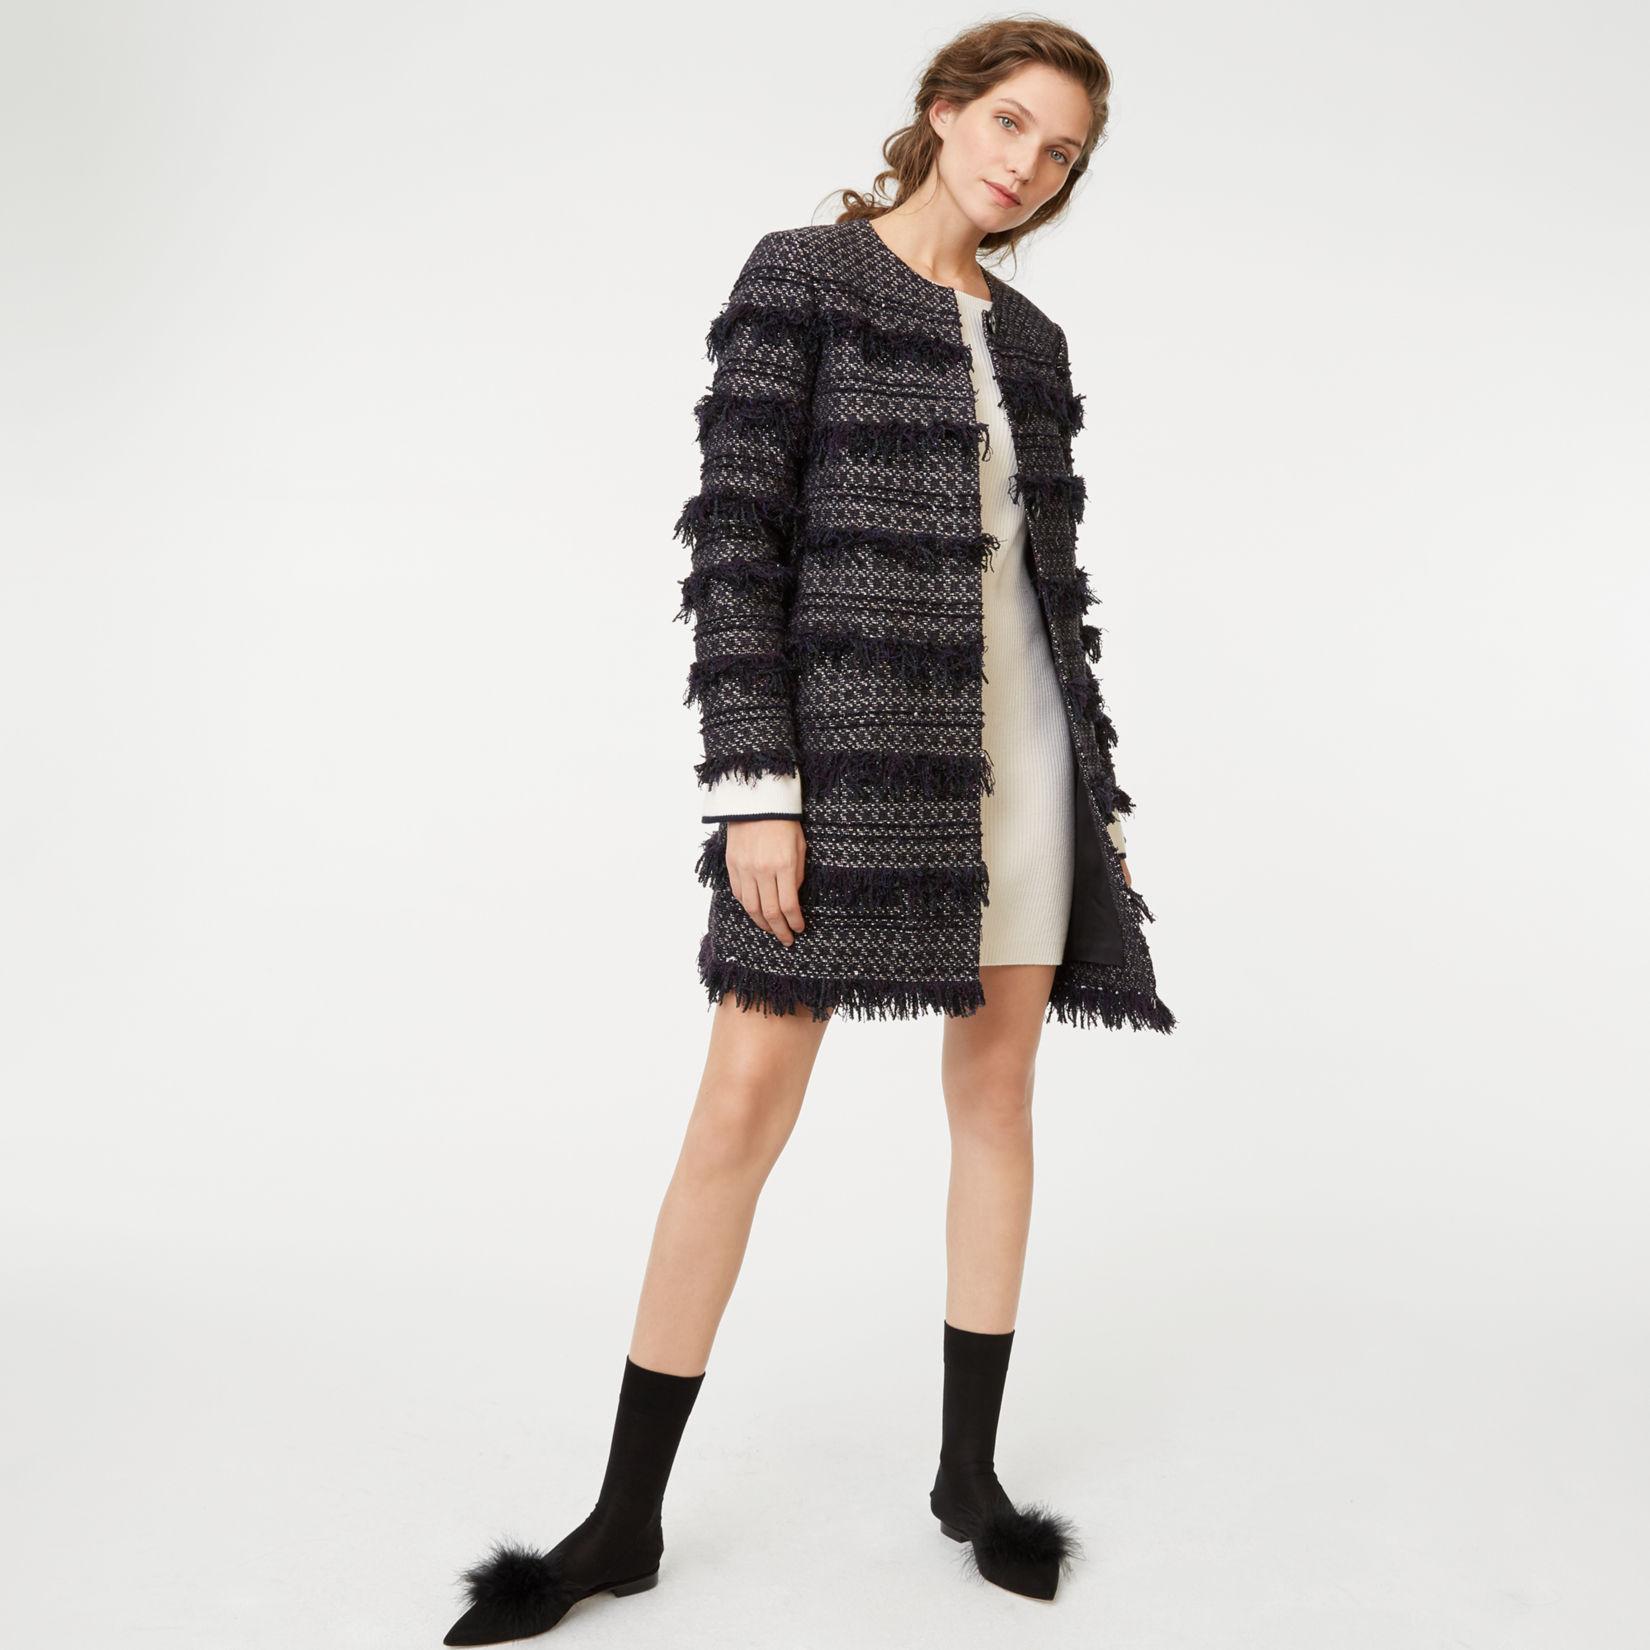 COATS & JACKETS - Coats Club Monaco Buy Cheap 100% Original GNeQh